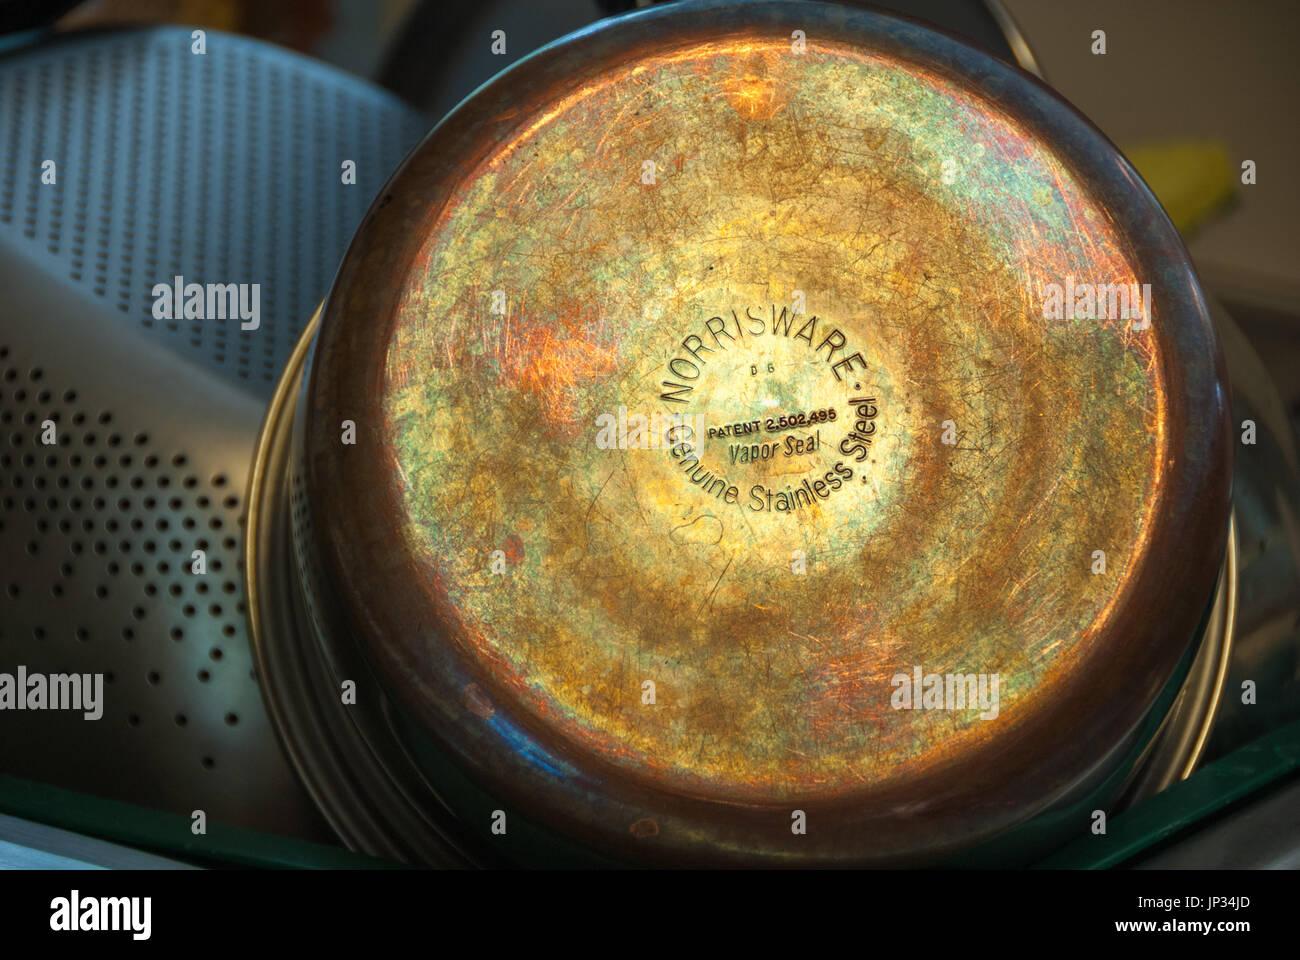 Réfléchissant la Lumière révèle la couleur de cuivre patine magnifique bas de cuisine. Photo Stock